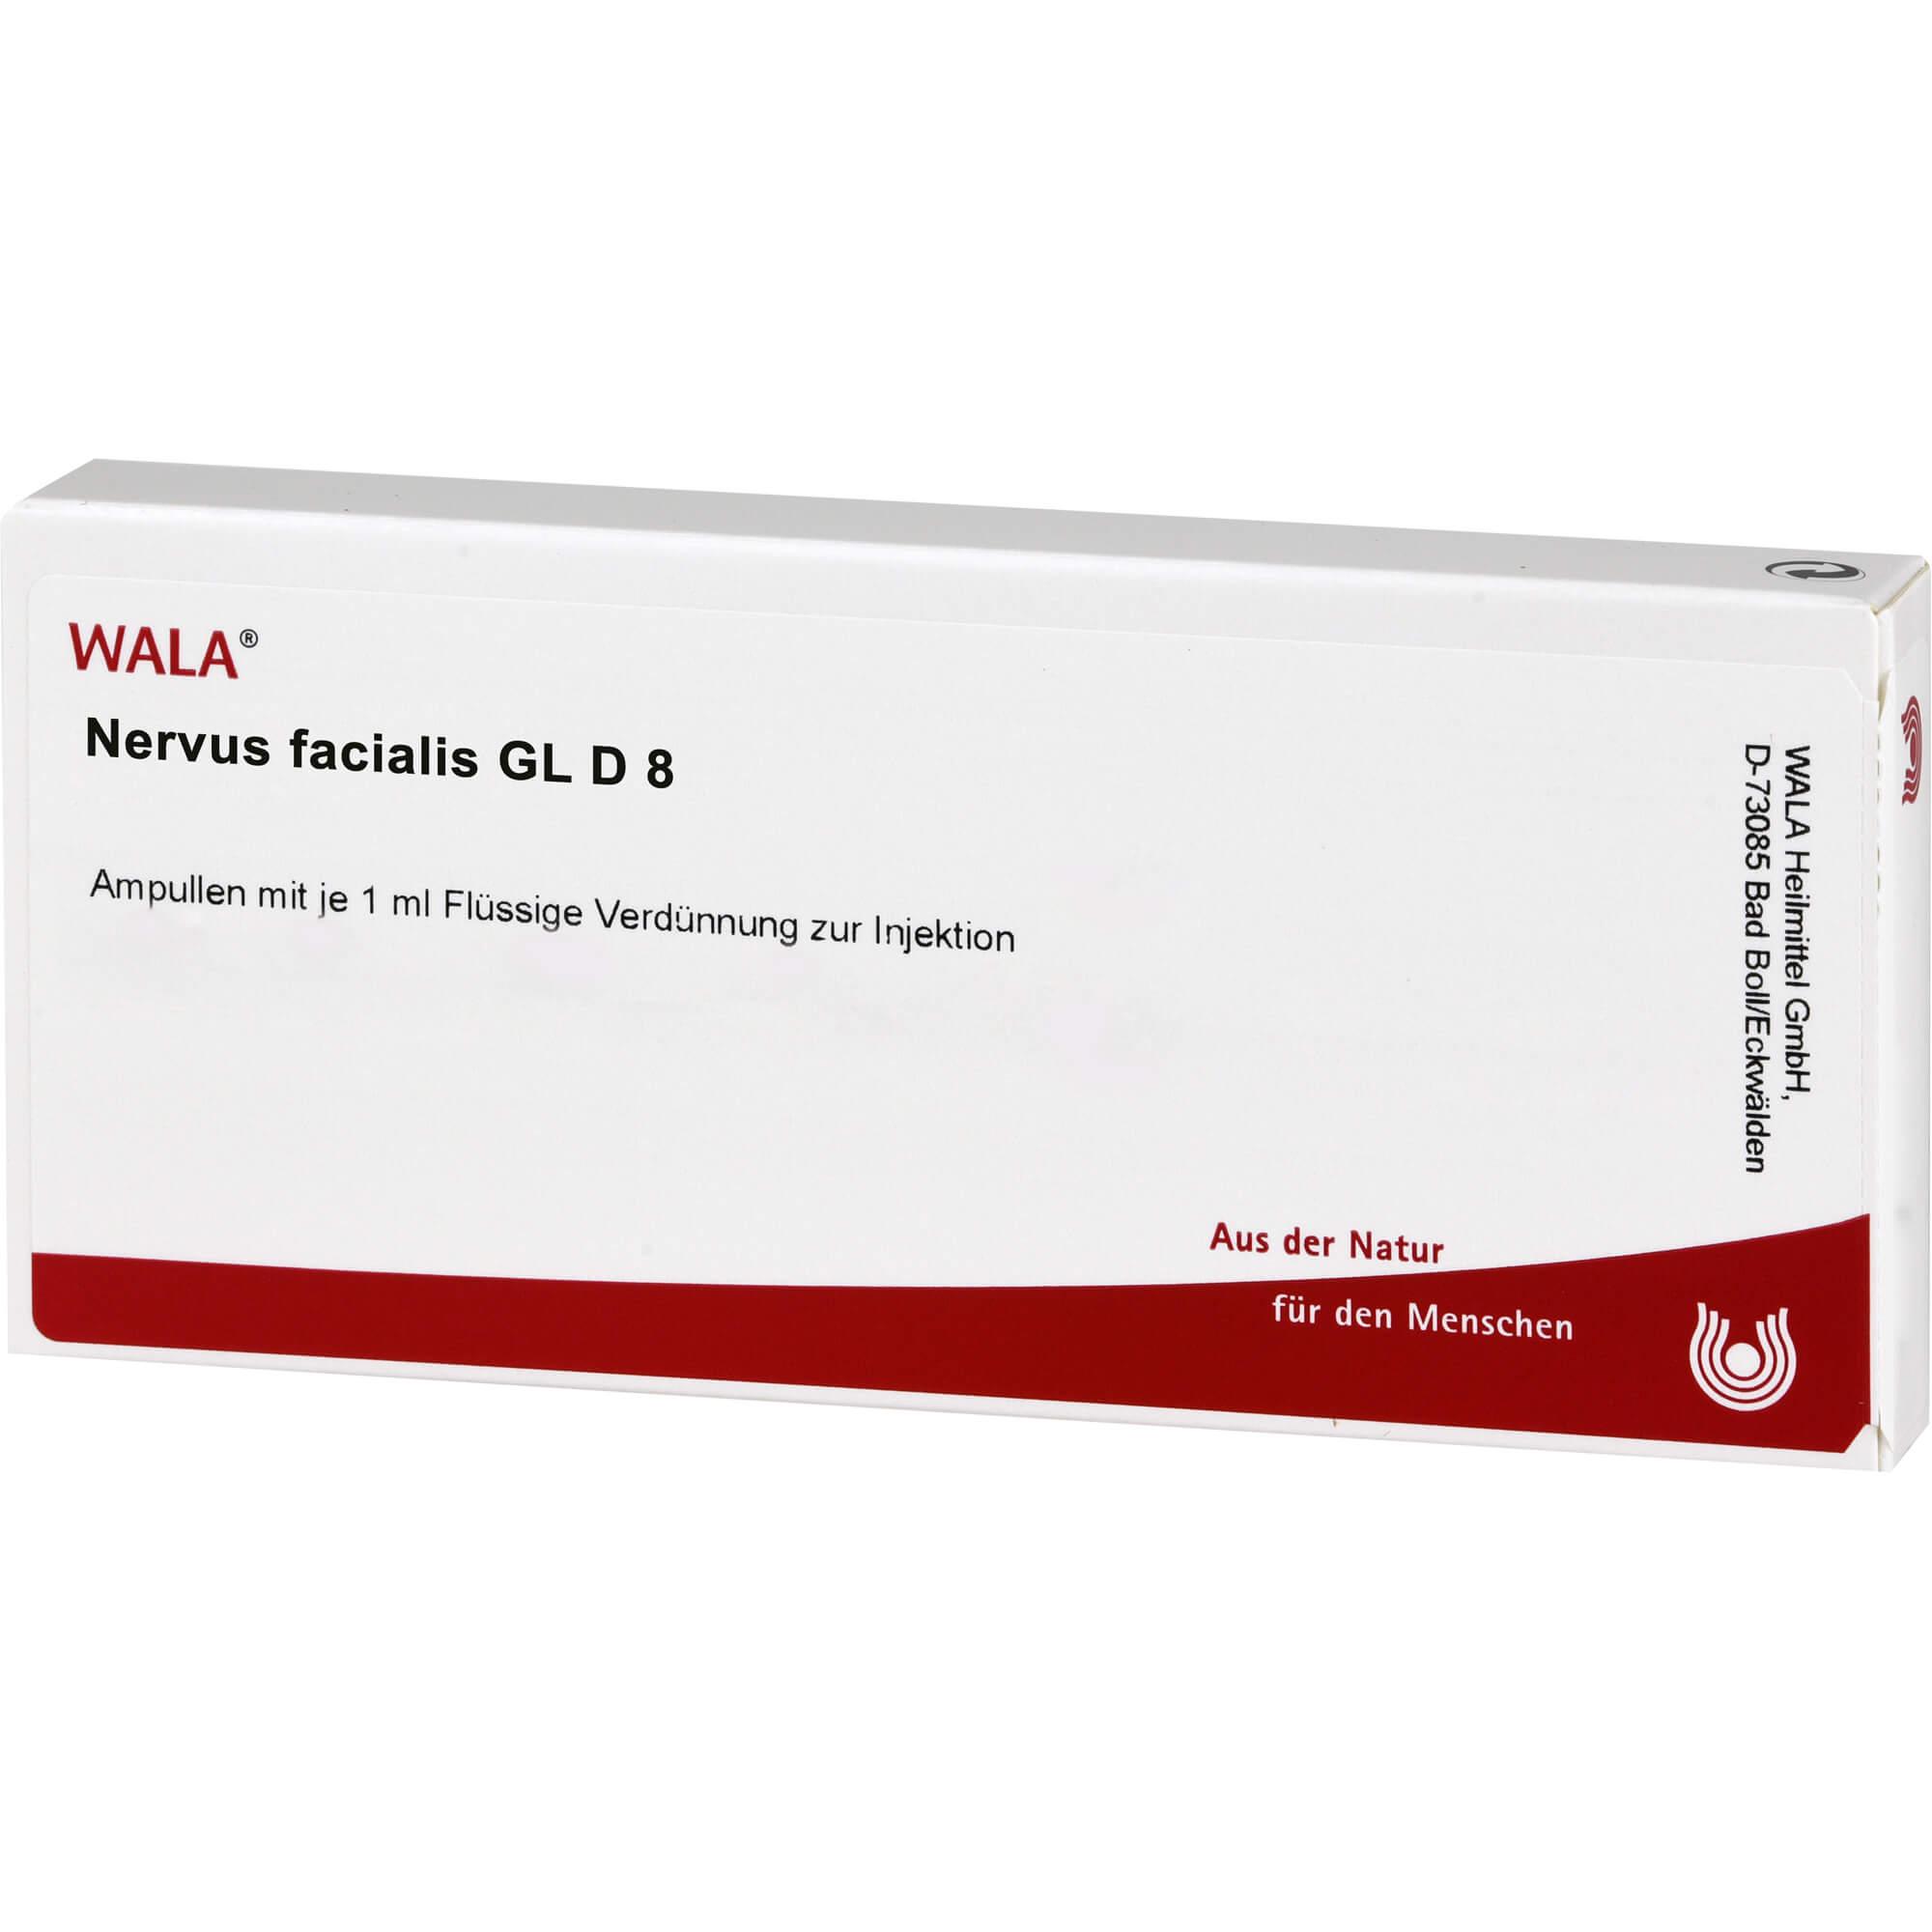 NERVUS FACIALIS GL D 8 Ampullen